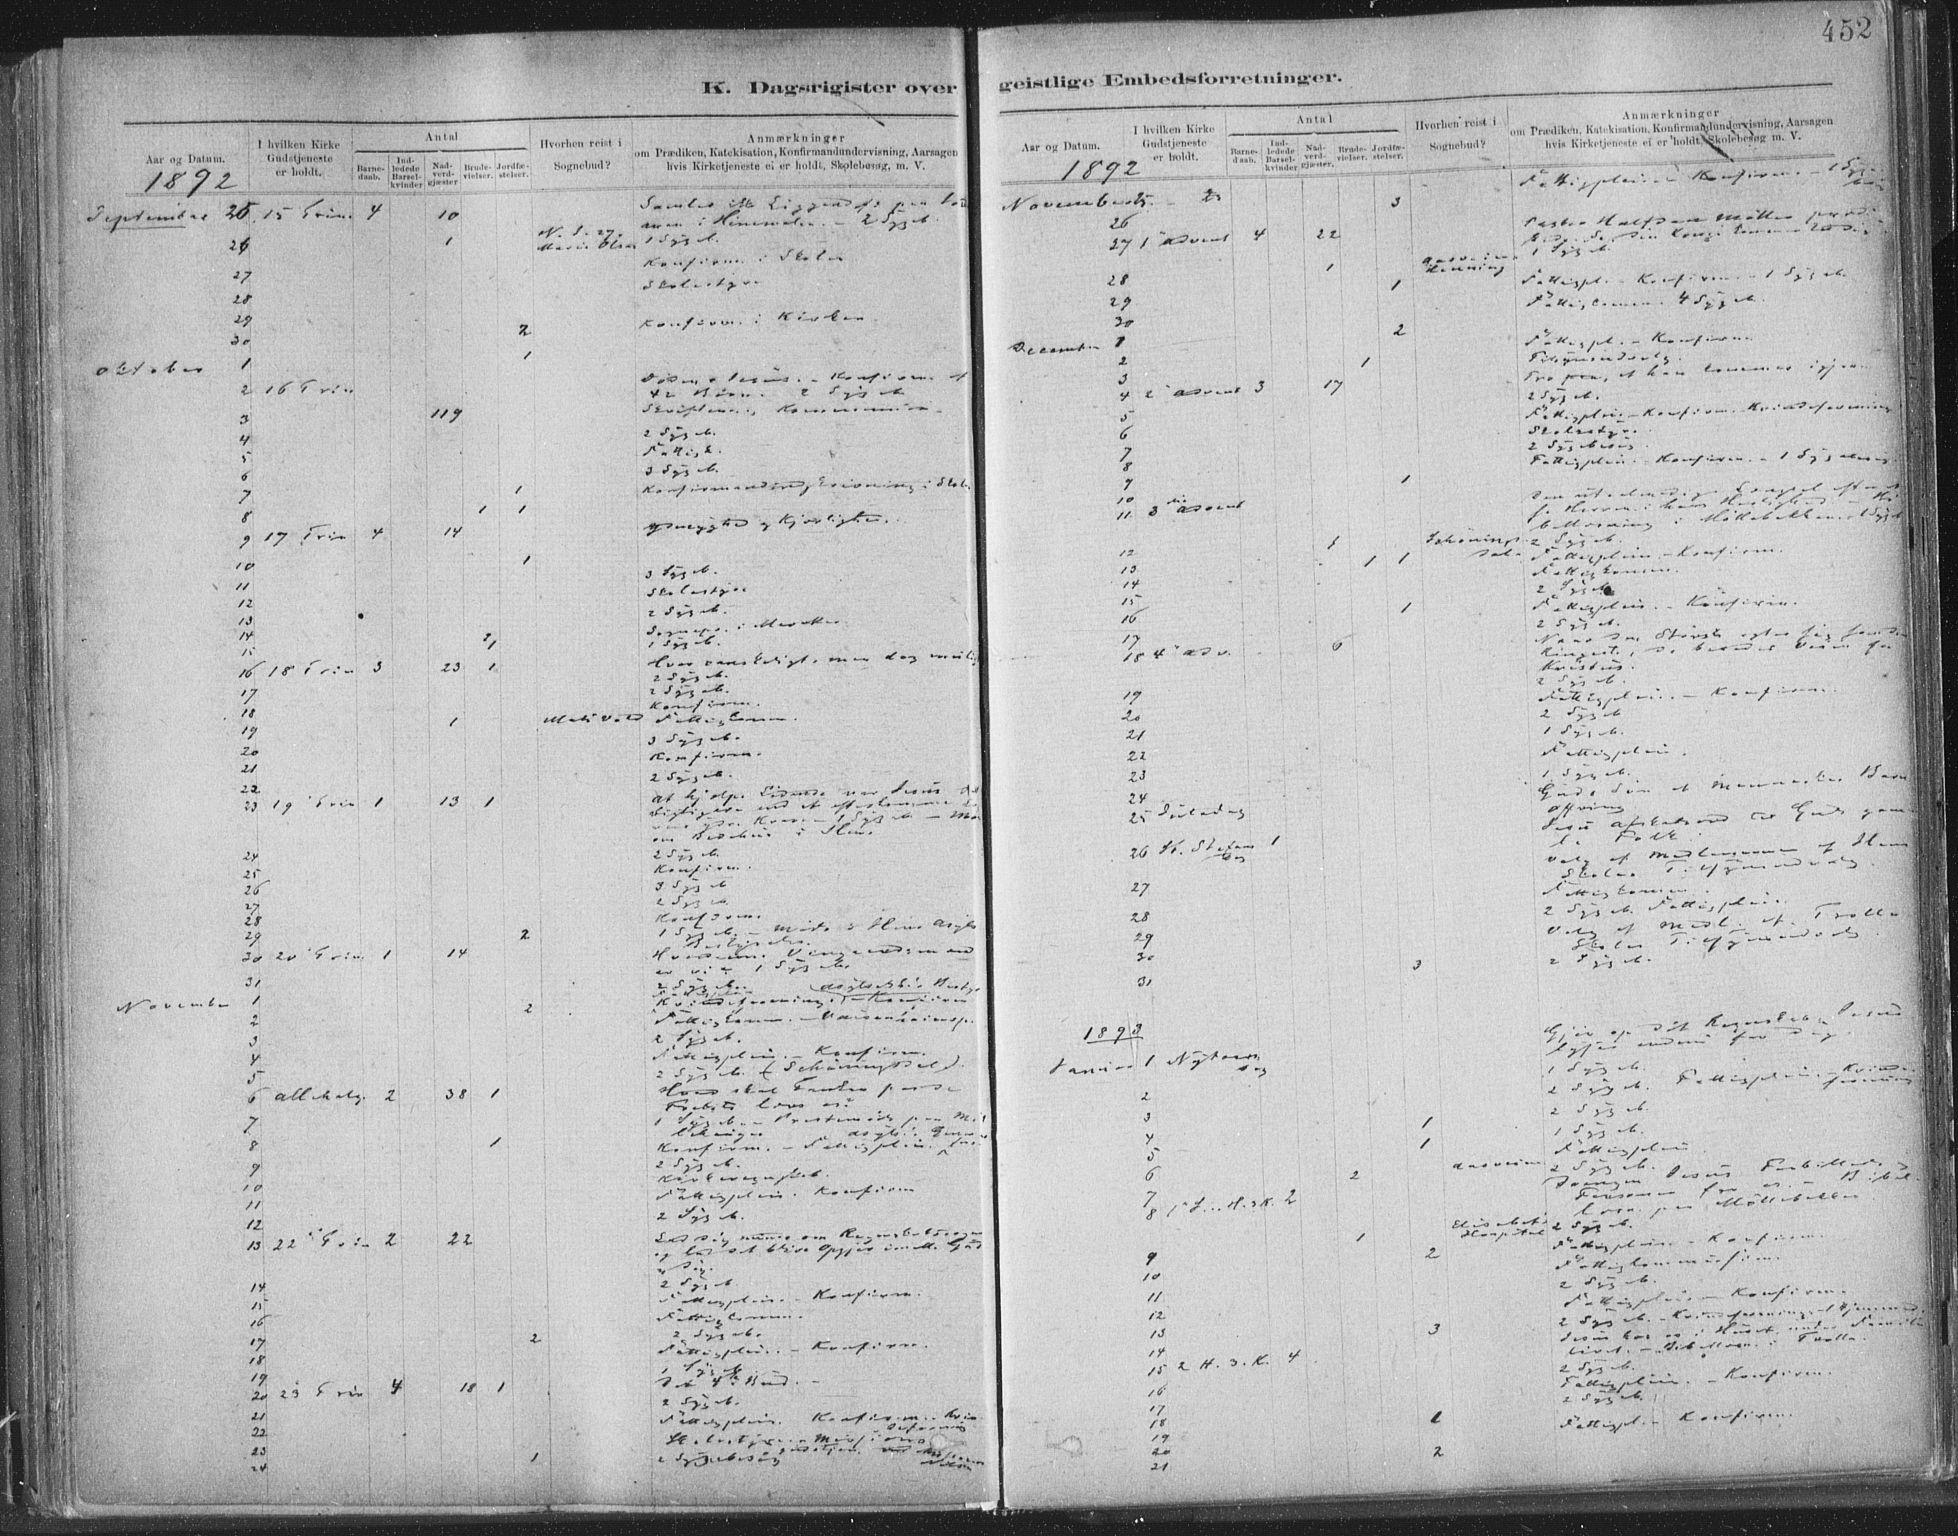 SAT, Ministerialprotokoller, klokkerbøker og fødselsregistre - Sør-Trøndelag, 603/L0163: Ministerialbok nr. 603A02, 1879-1895, s. 452